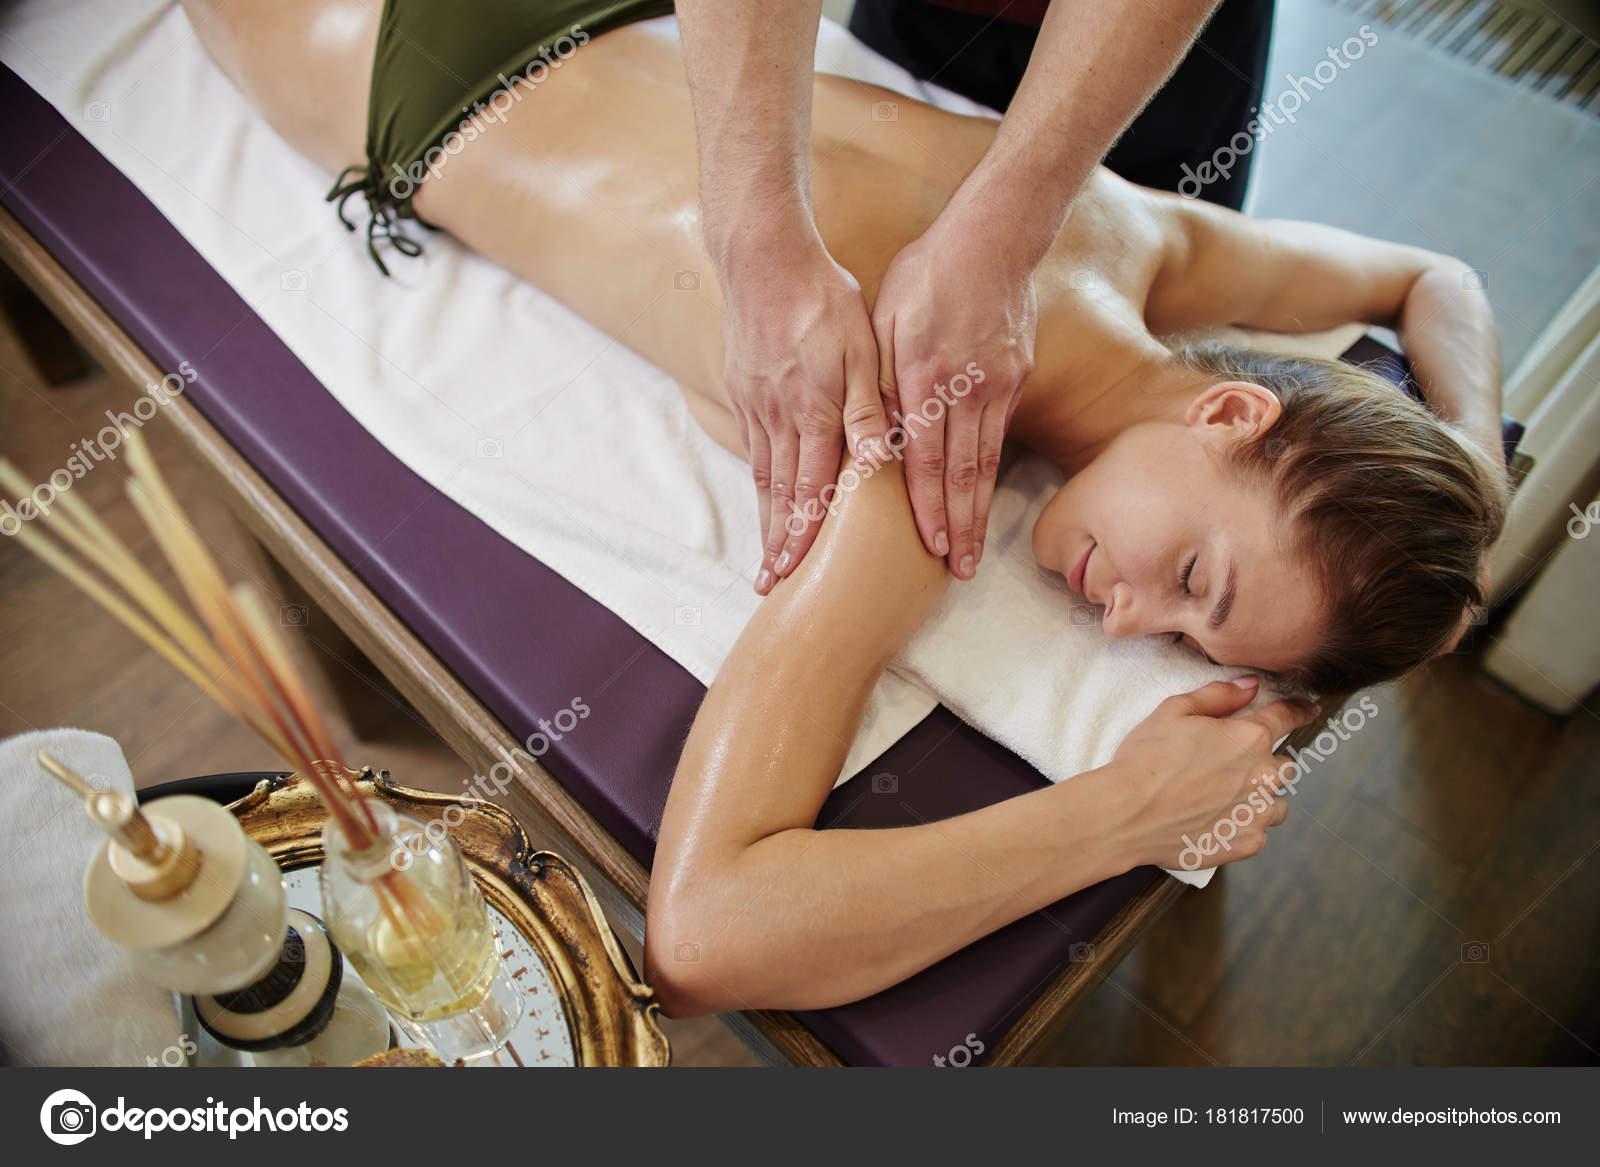 Секс принудительный на массаже, Порно видео с массажем, делает массаж парню 11 фотография